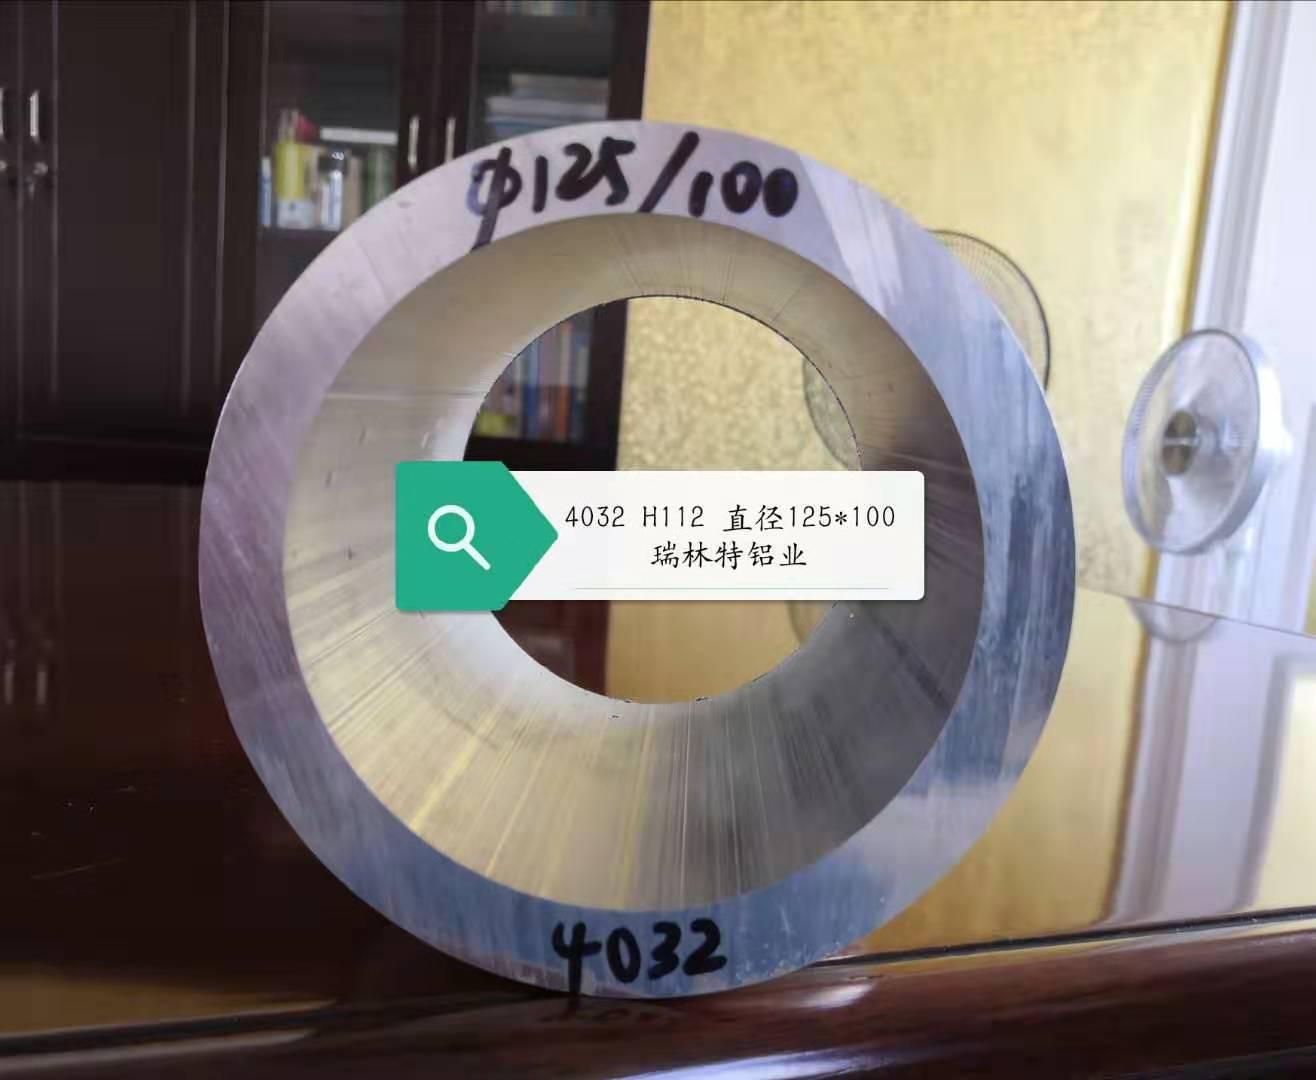 浙江专业无缝铝管制造厂家「湖北瑞林特铝业科技股份供应」